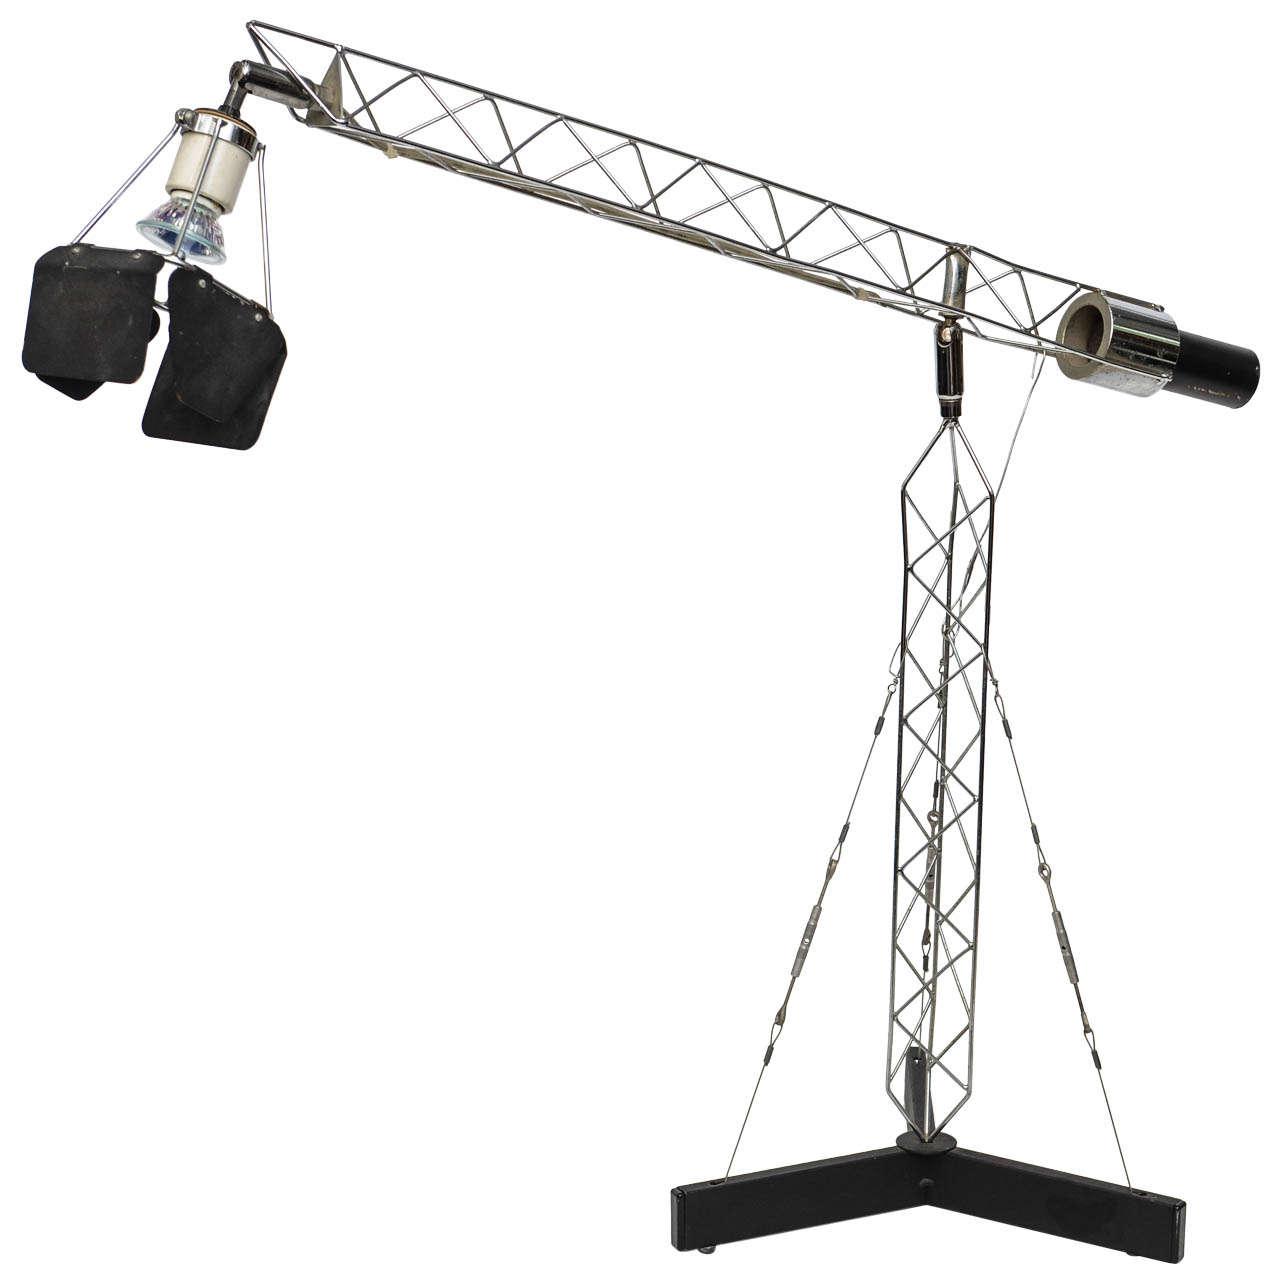 Crane Lighting Fixtures